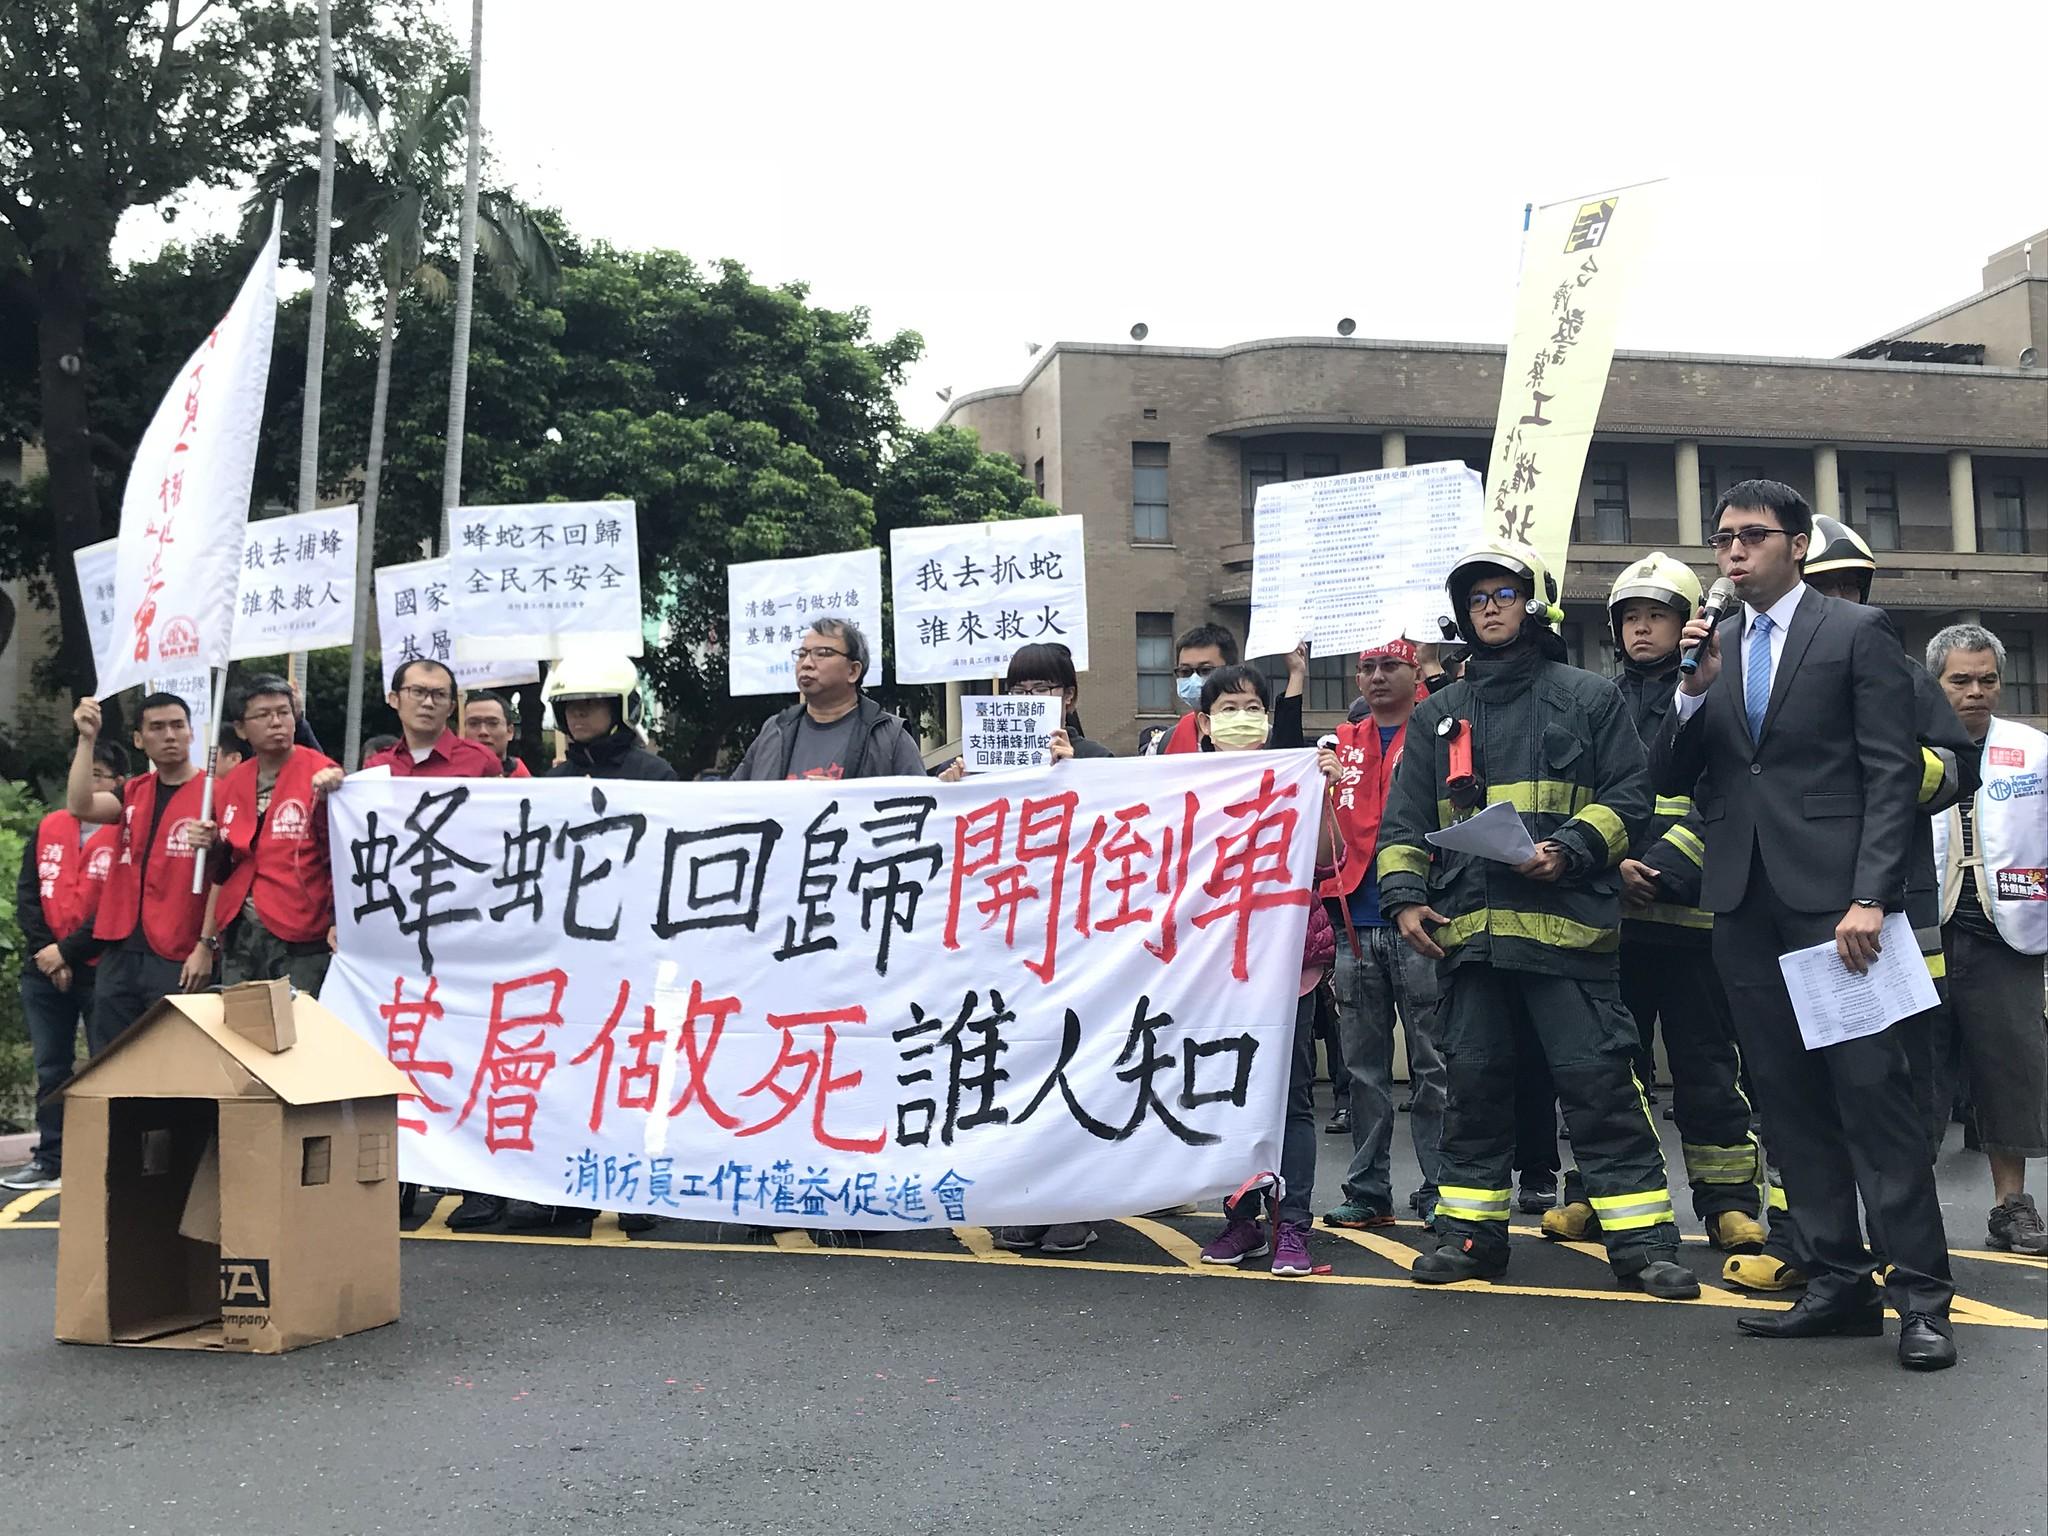 消權會今日前往行政院,反對賴清德放棄林全承諾的業務回歸方案。(攝影:張宗坤)